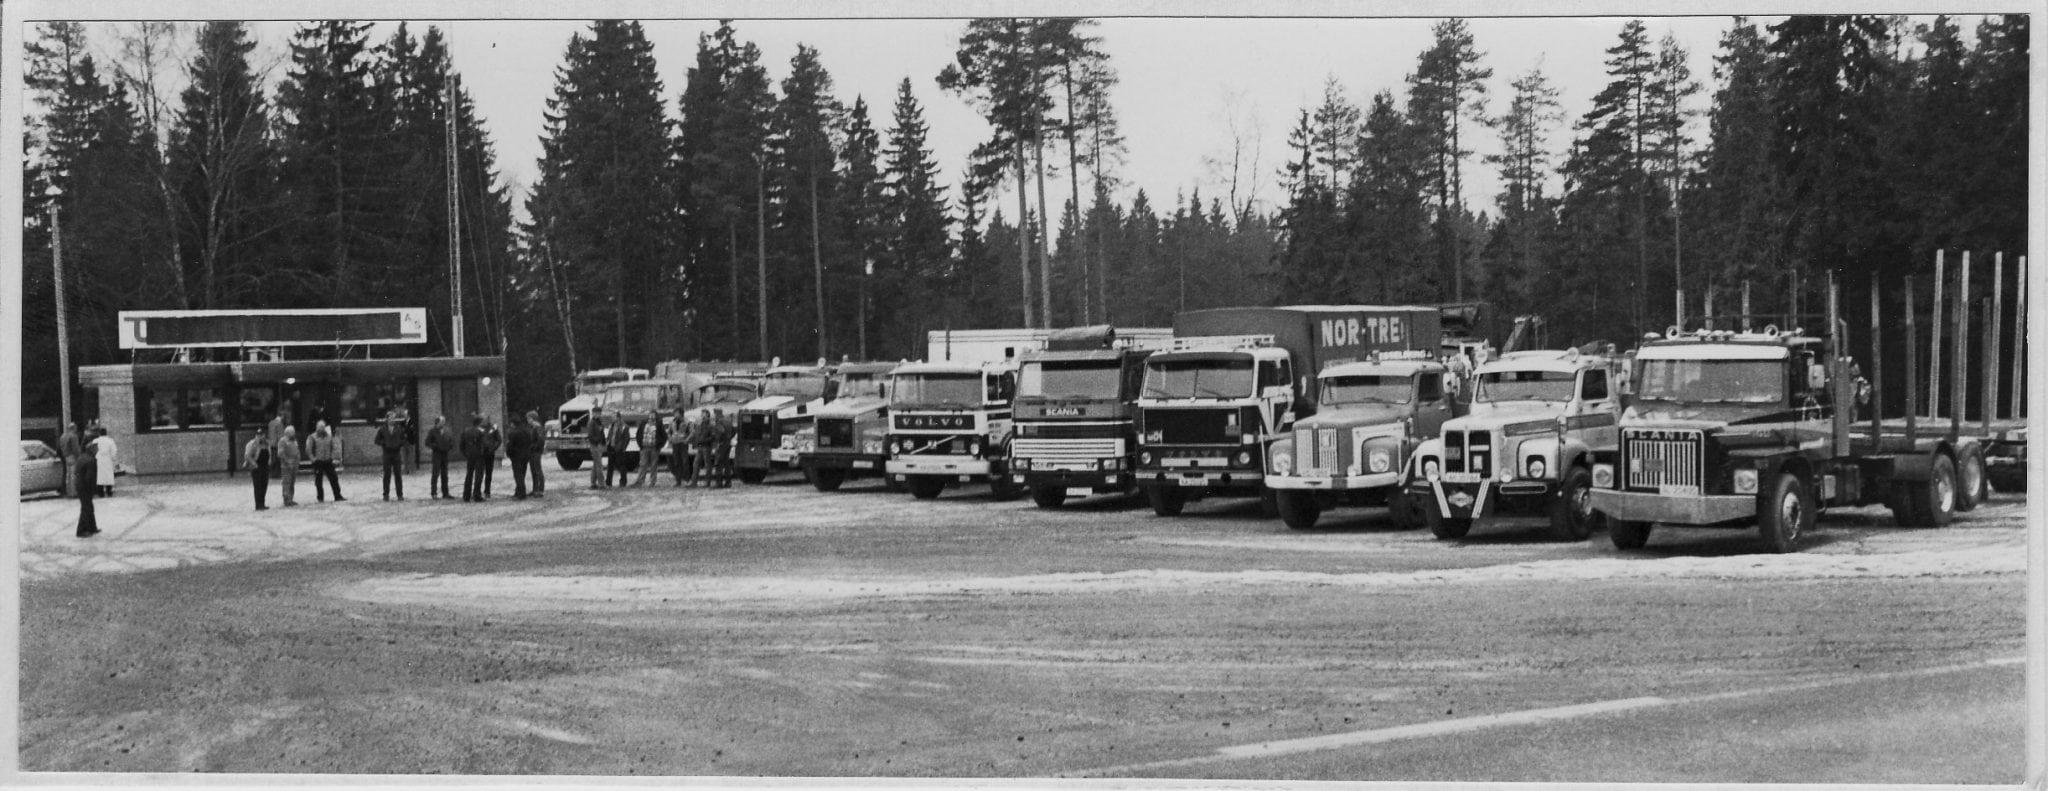 1982 oversiktsbilde over biler